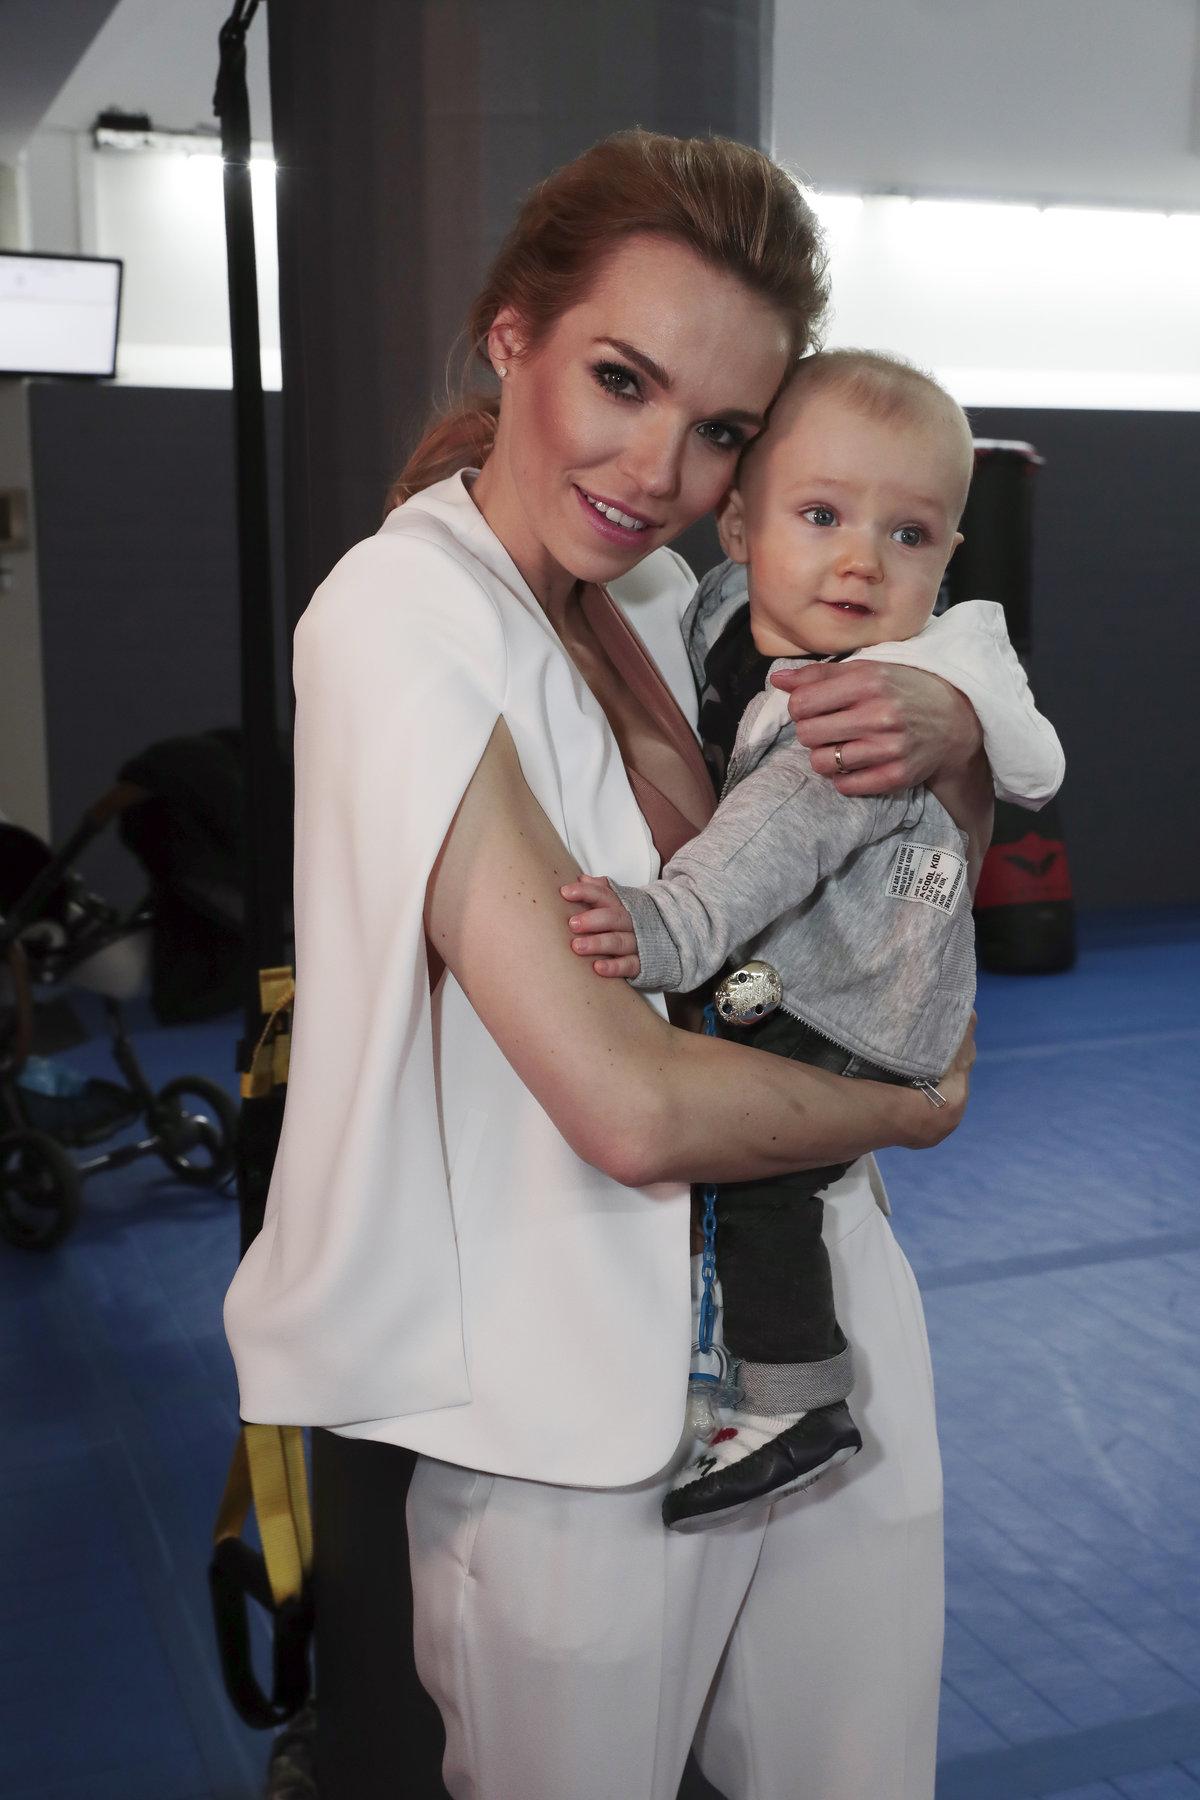 Hana Mašlíková se svým synem Andreasem poprvé na veřejnosti.